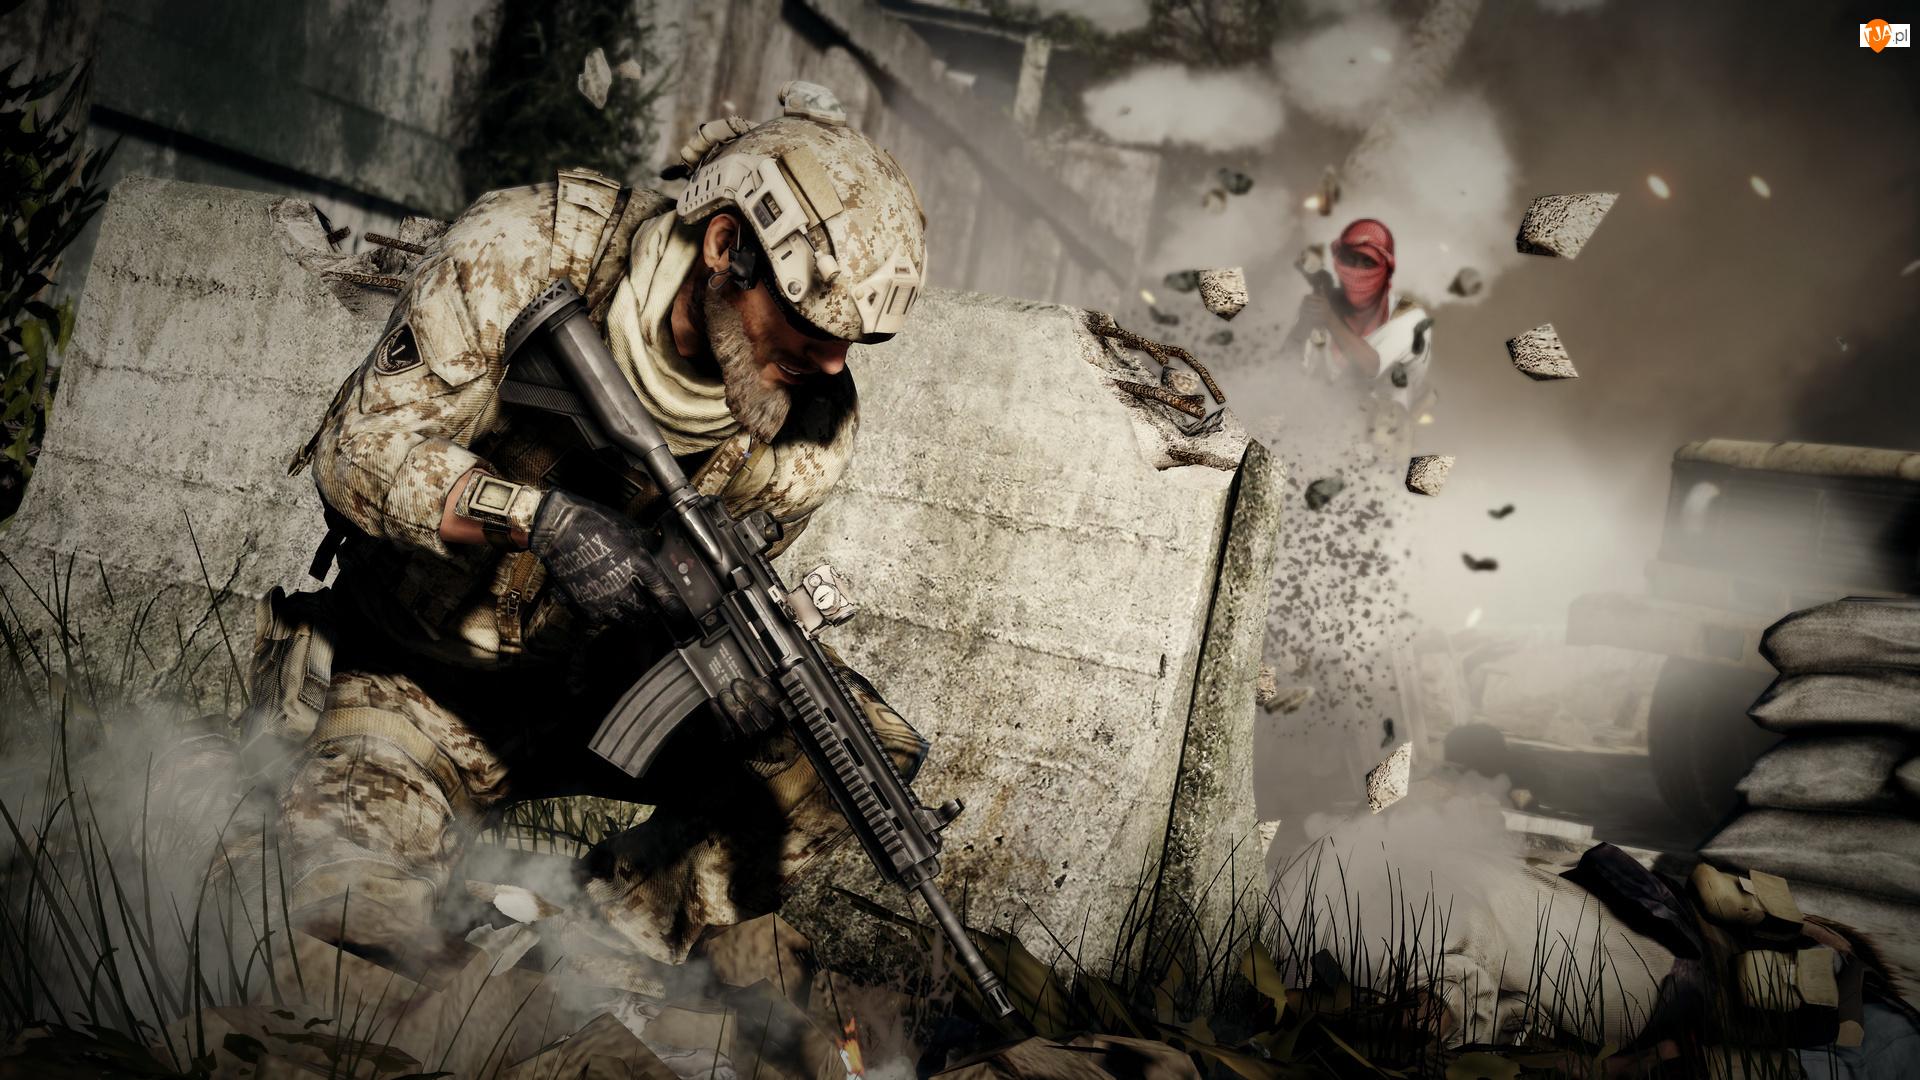 Gra, Wojna, Medal of Honor: Warfighter, Żołnierz